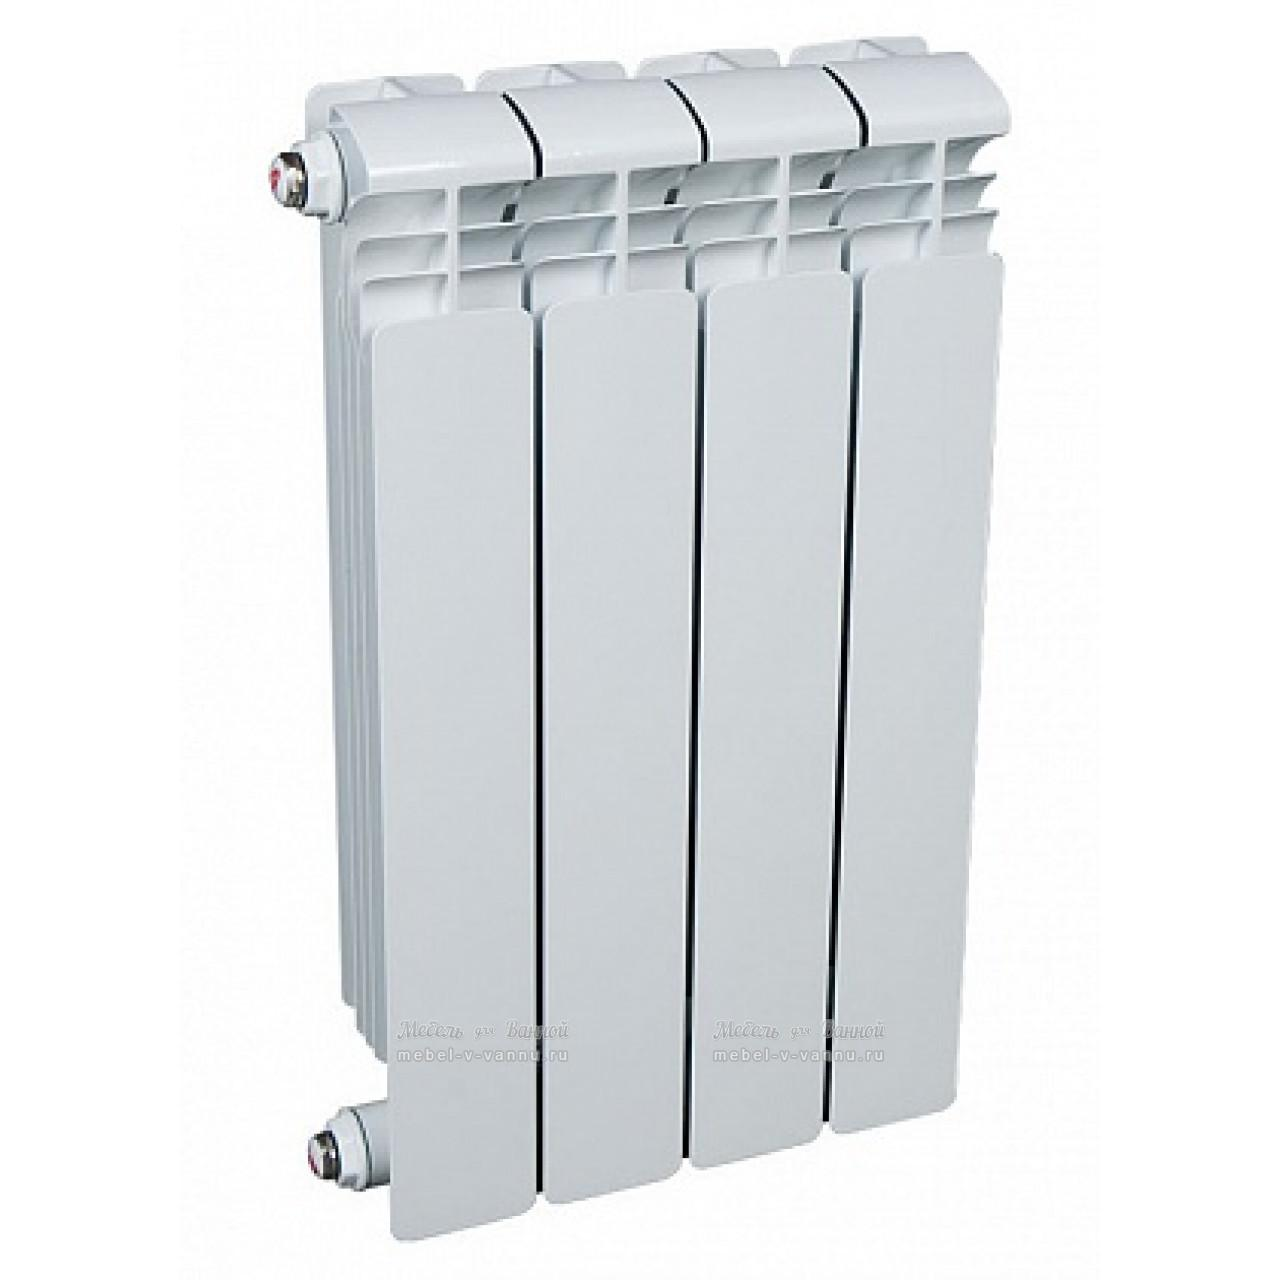 Радиатор водяной алюминиевый Rifar Alum 350 4 секции купить в Москве по цене от 2300р. в интернет-магазине mebel-v-vannu.ru